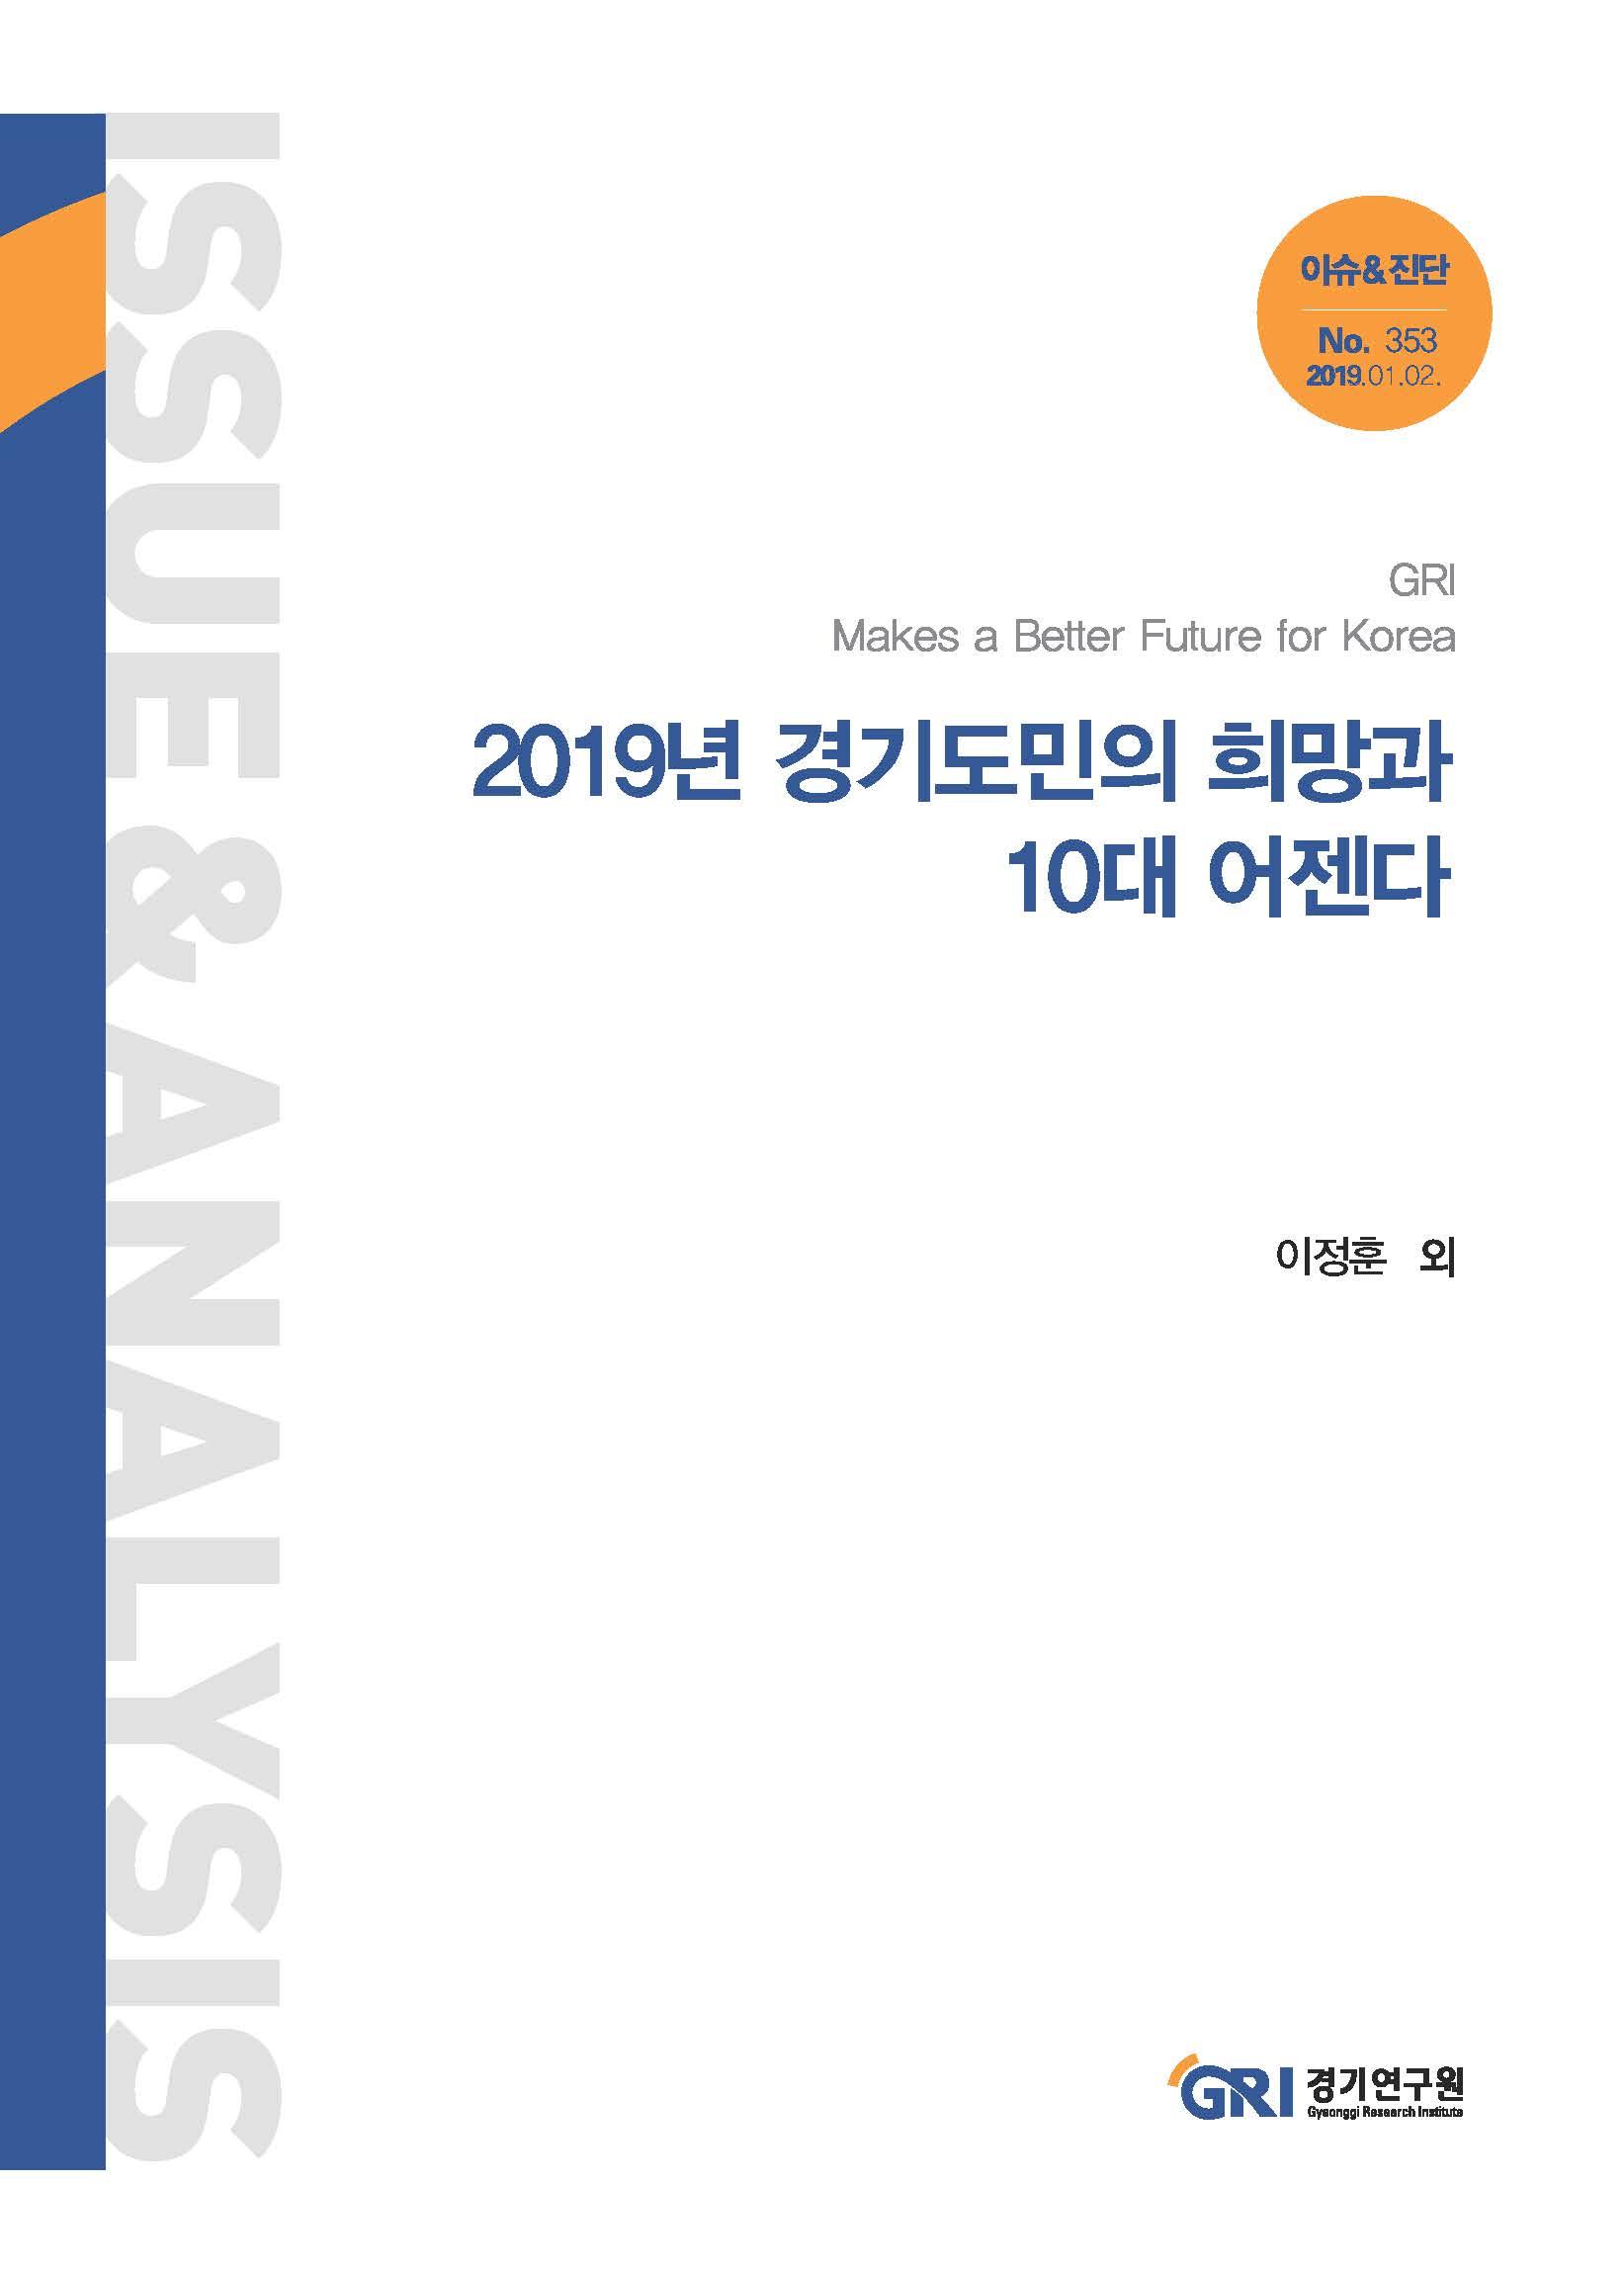 2019년 경기도민의 희망과 10대 어젠다